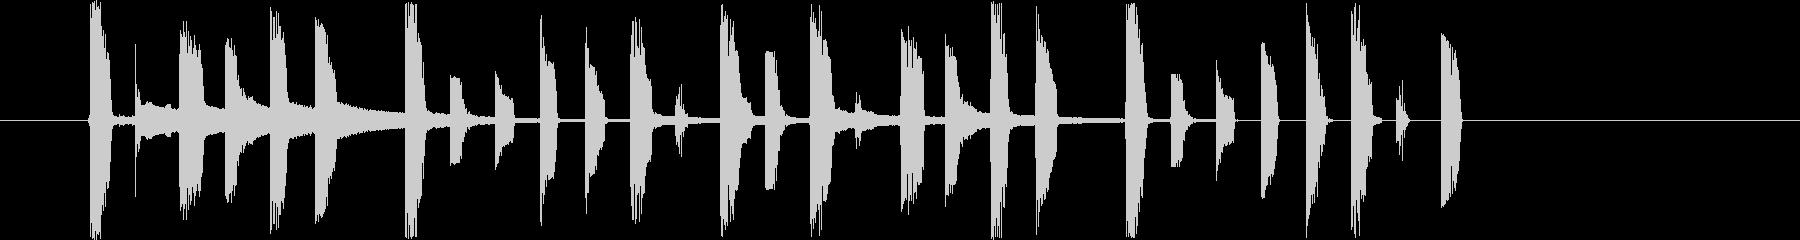 ファミコン風のかわいらしいジングルの未再生の波形